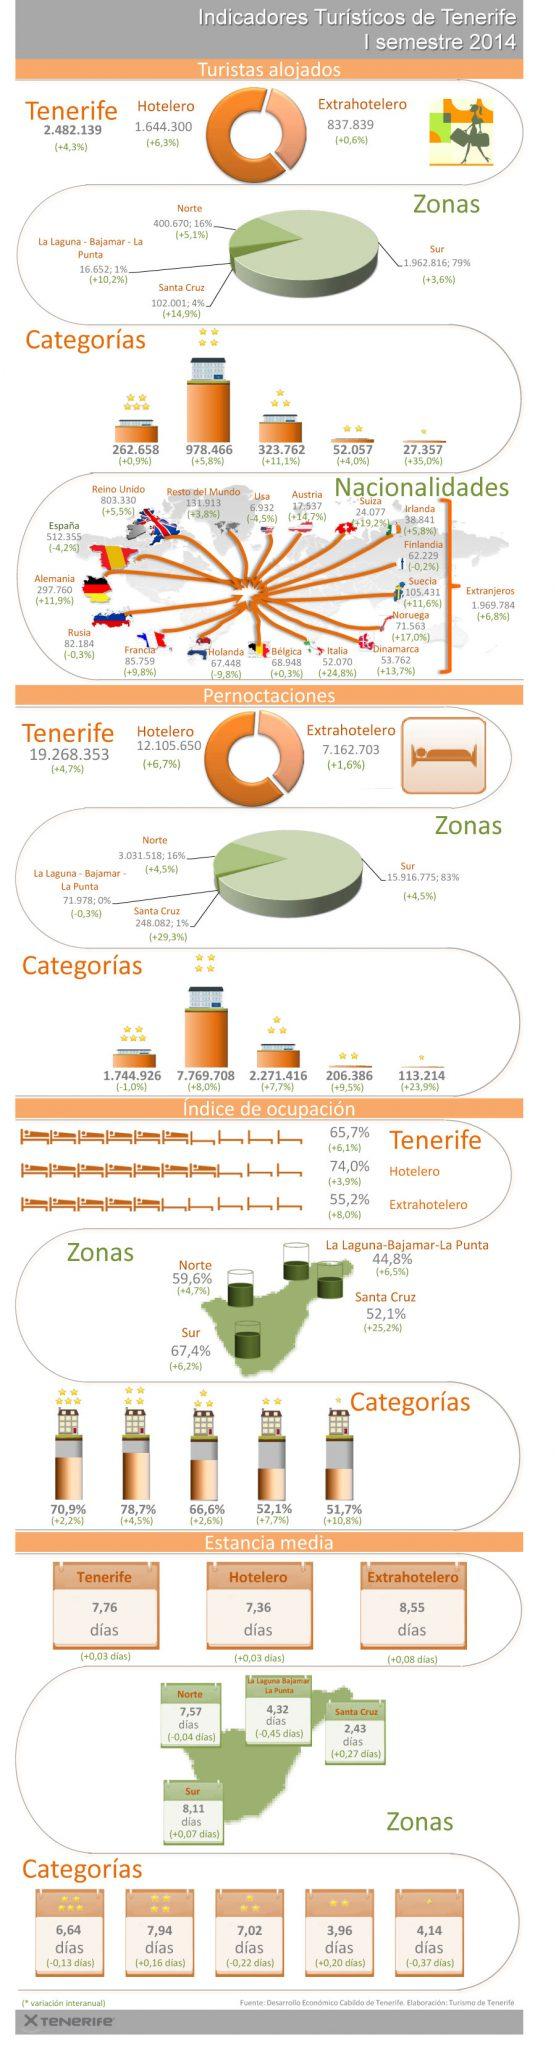 Indicadores-Turisticos-I-semestre-2014